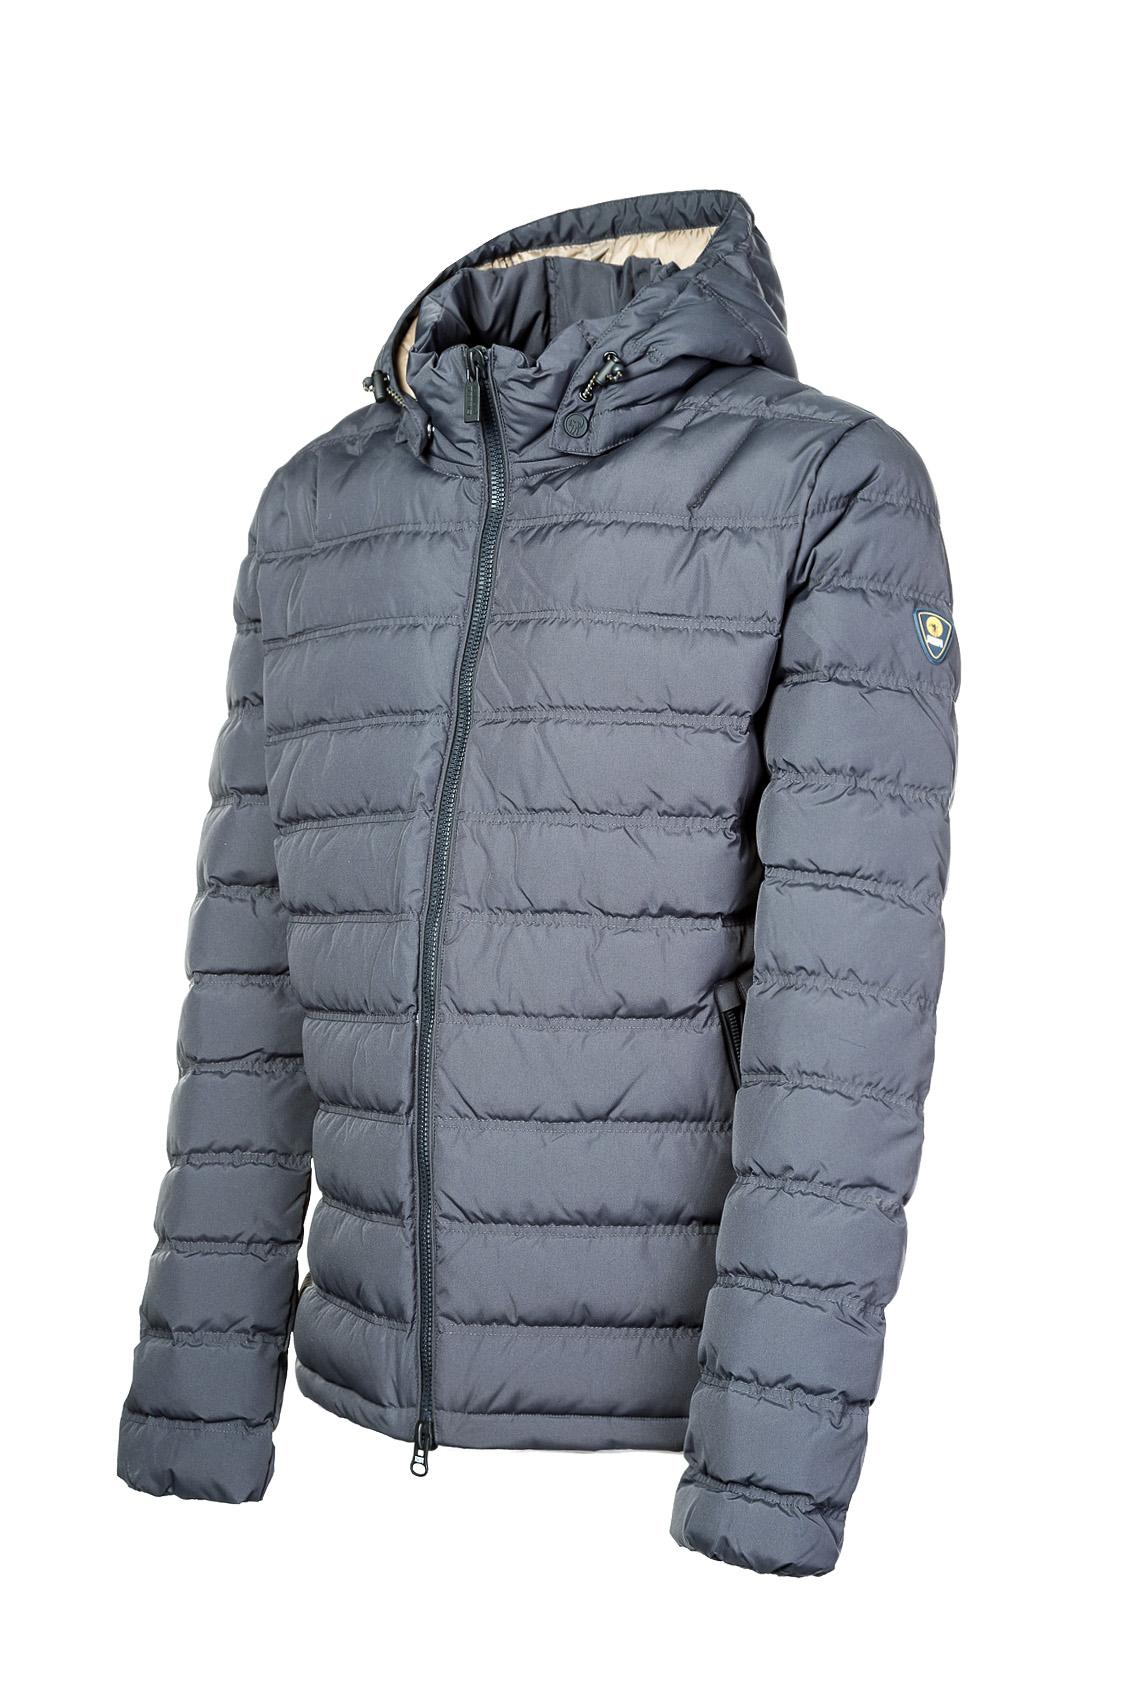 quality design 0db4d daea8 Home  Uomo  Abbigliamento  Capispalla  Piumini